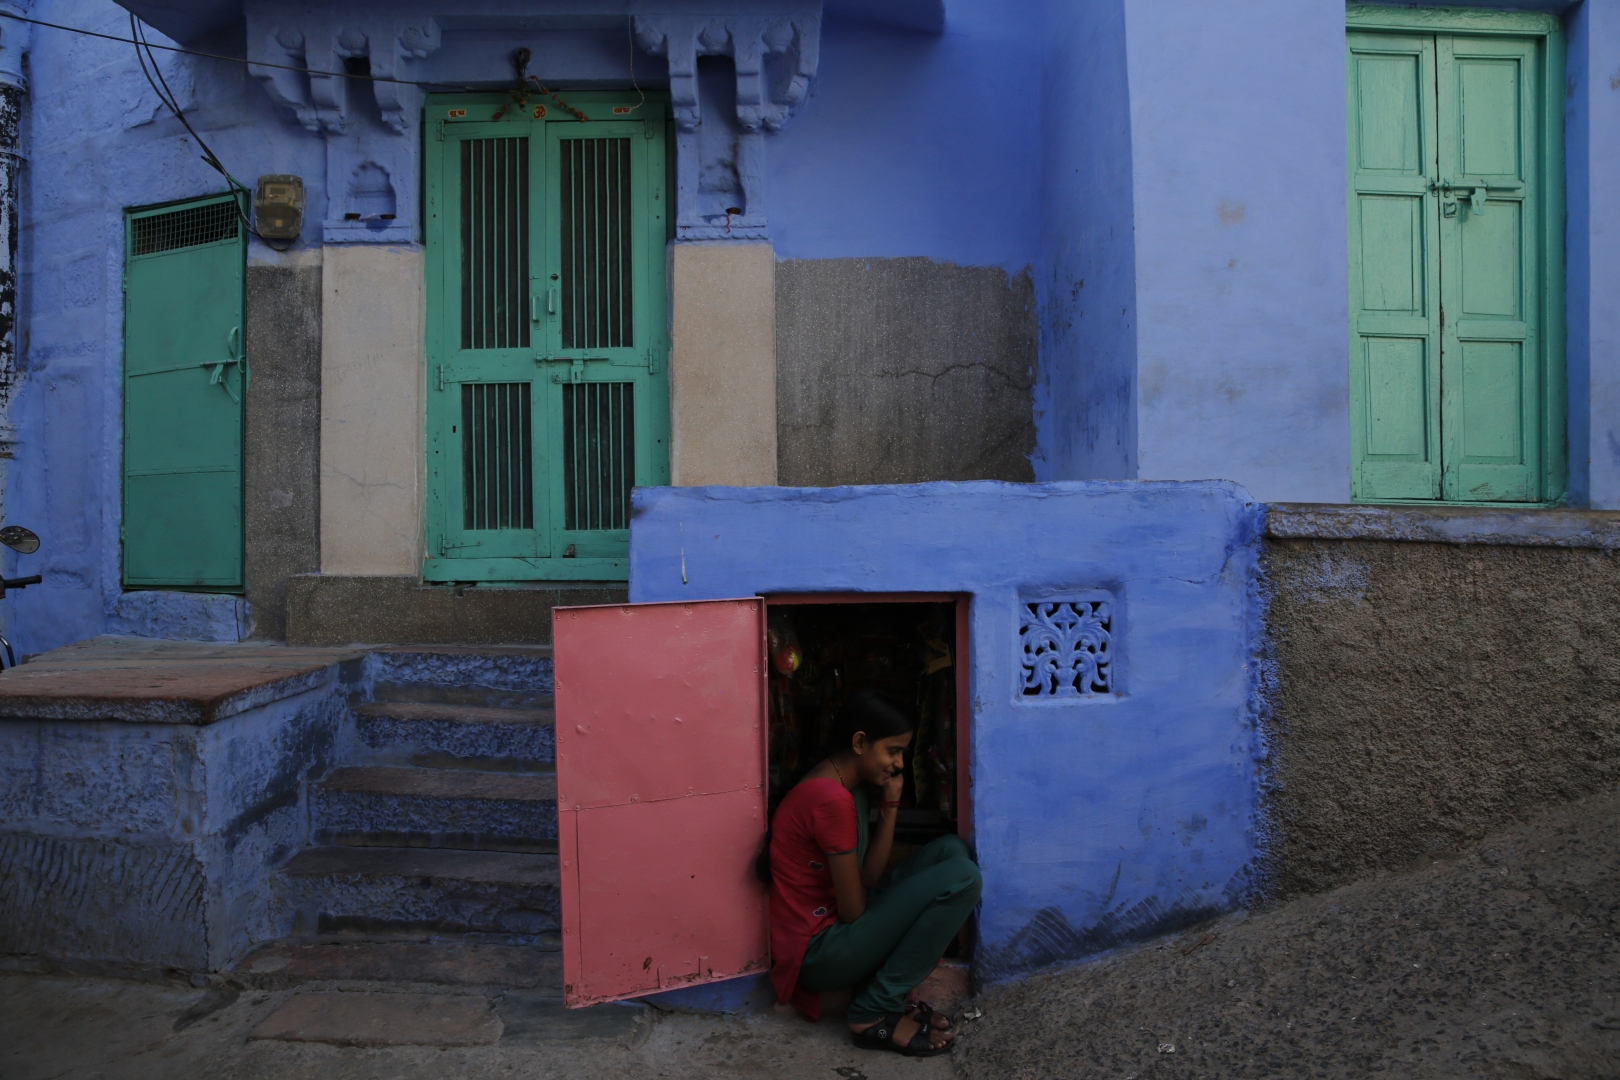 Девушка — продавщица в лавочке. Очень часто небольшие лавчонки, в которых торгуют табаком или закусками, расположены в подвальных помещениях жилых зданий